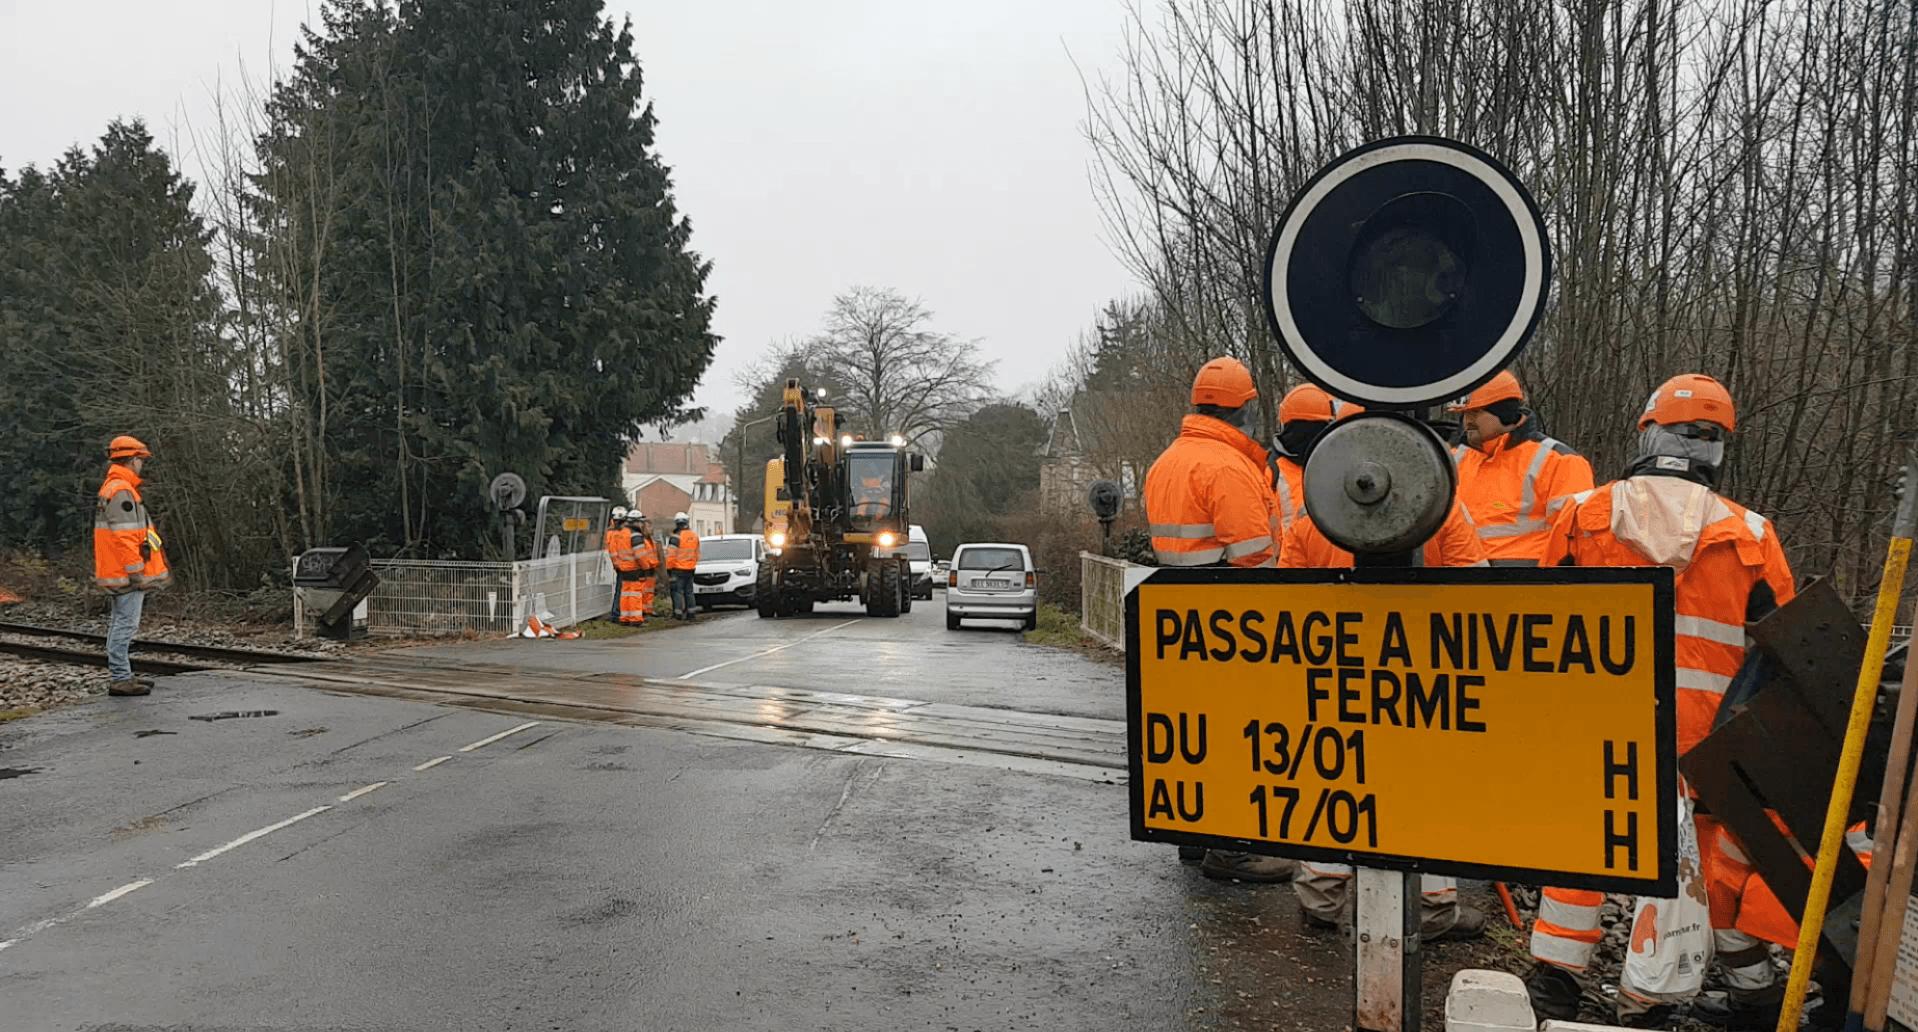 Lancement des travaux sur les lignes TER et début de la pagaille sur les routes